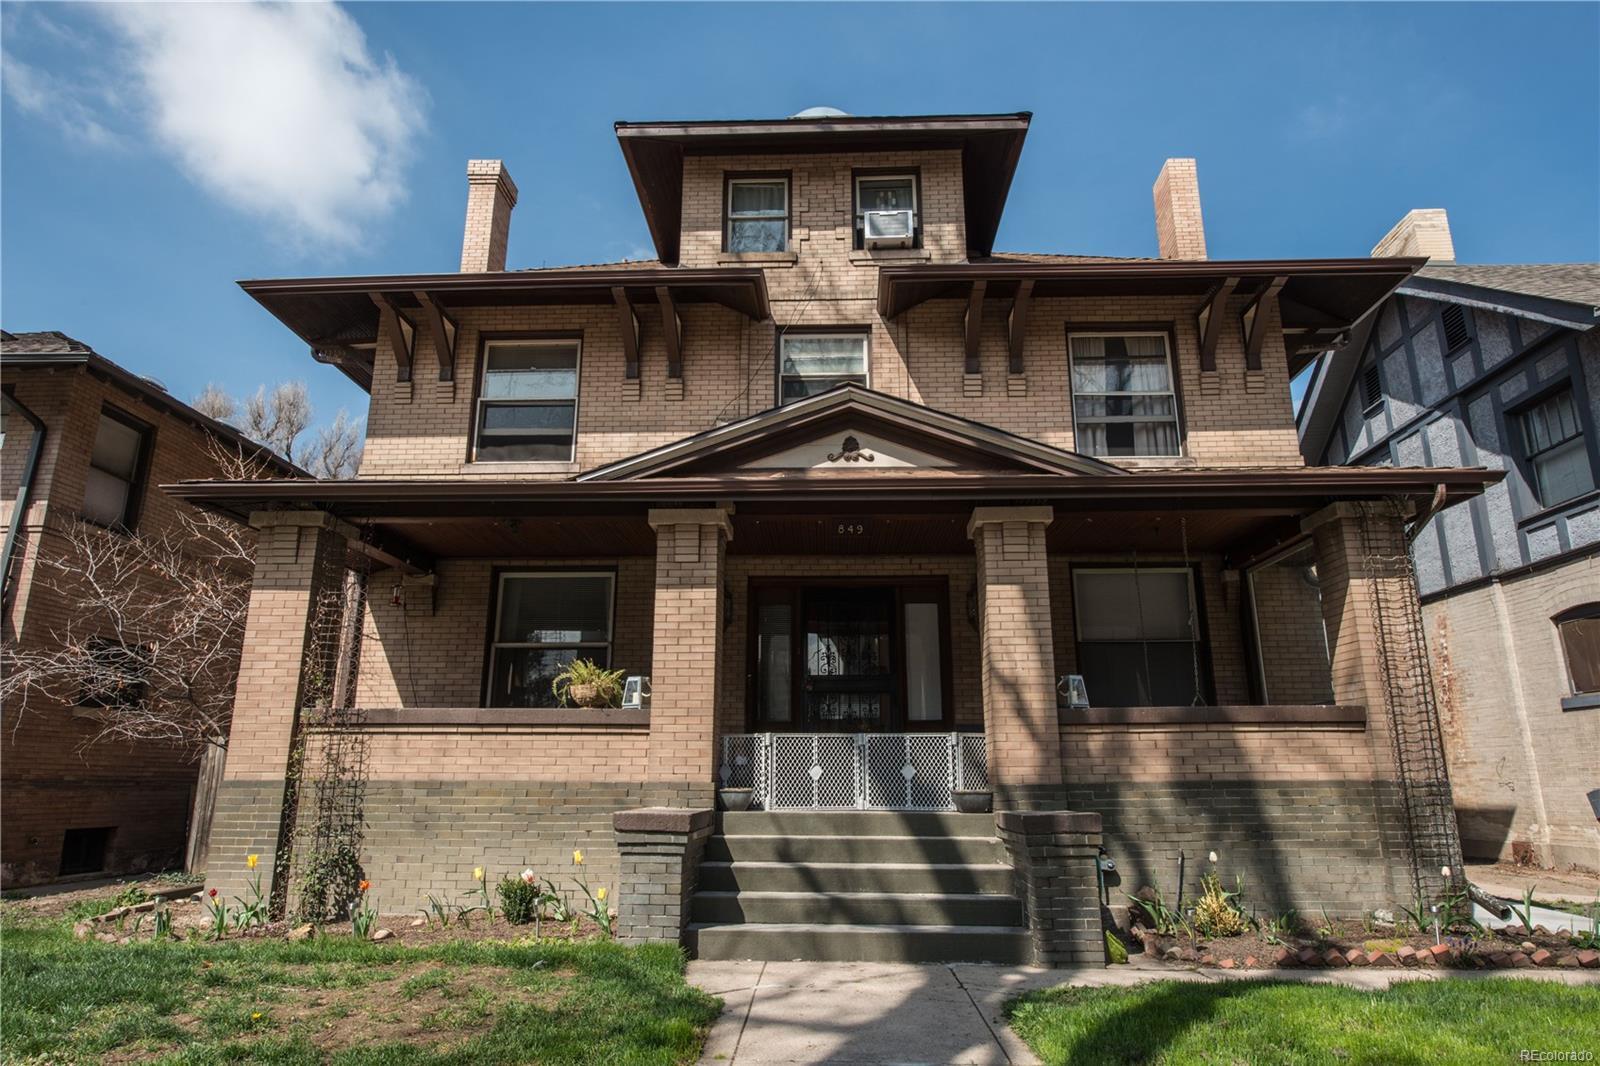 849 N Humboldt Street, Denver, CO 80218 - Denver, CO real estate listing